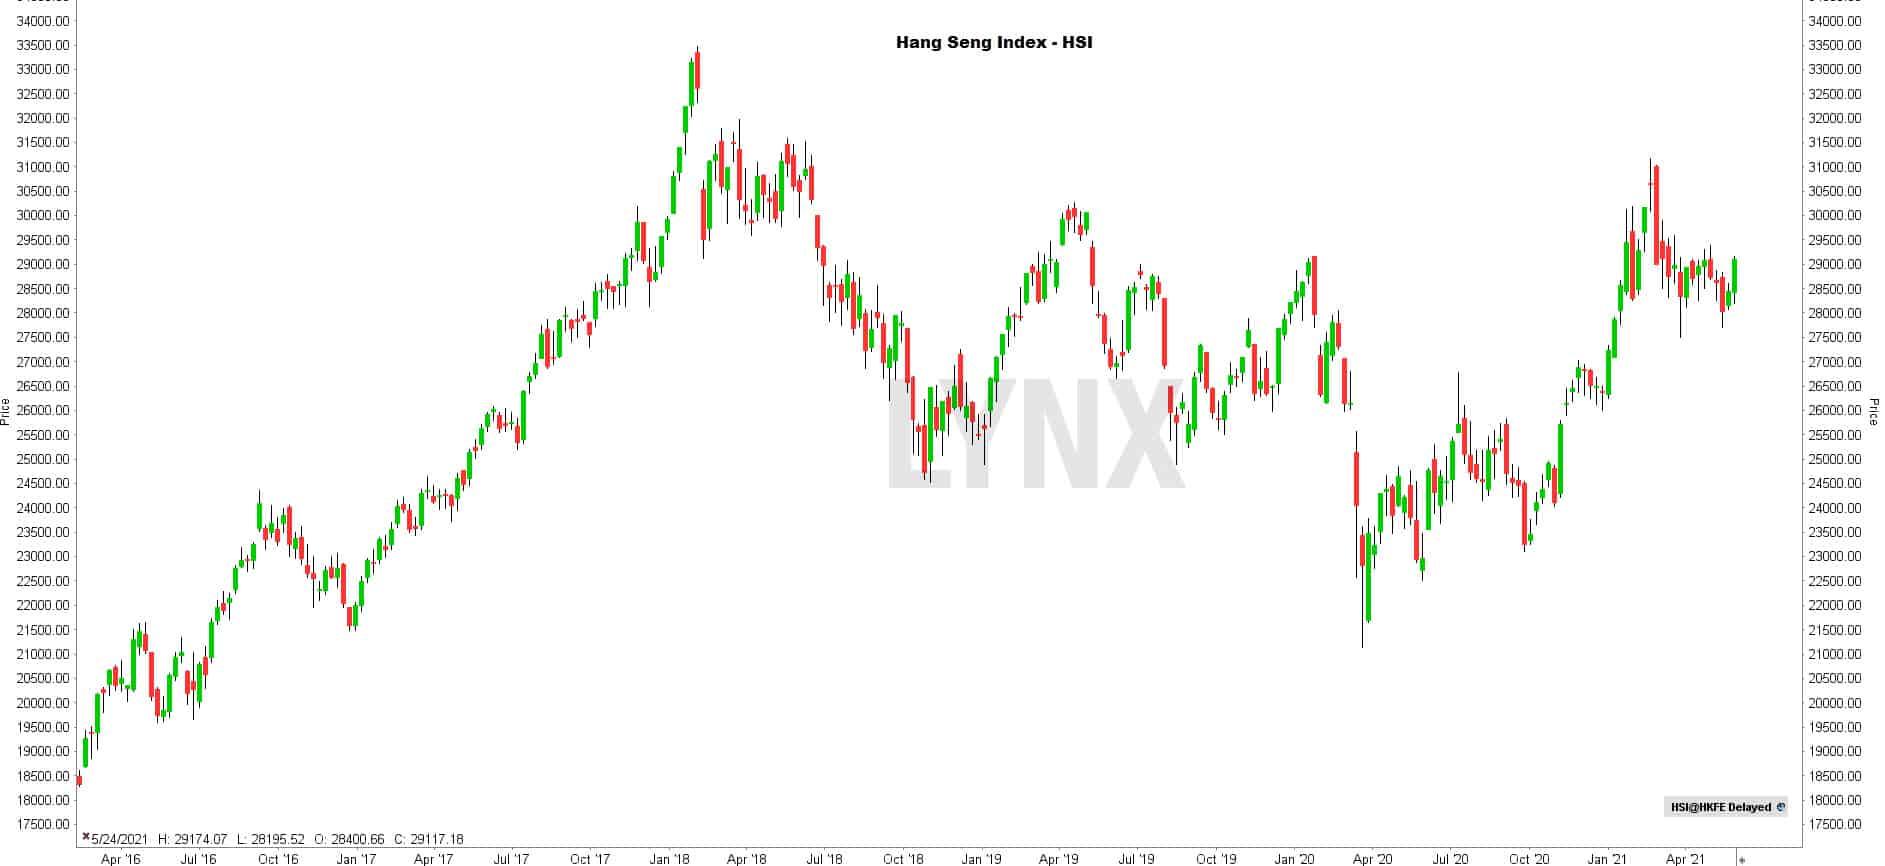 Koers Hang Seng Index